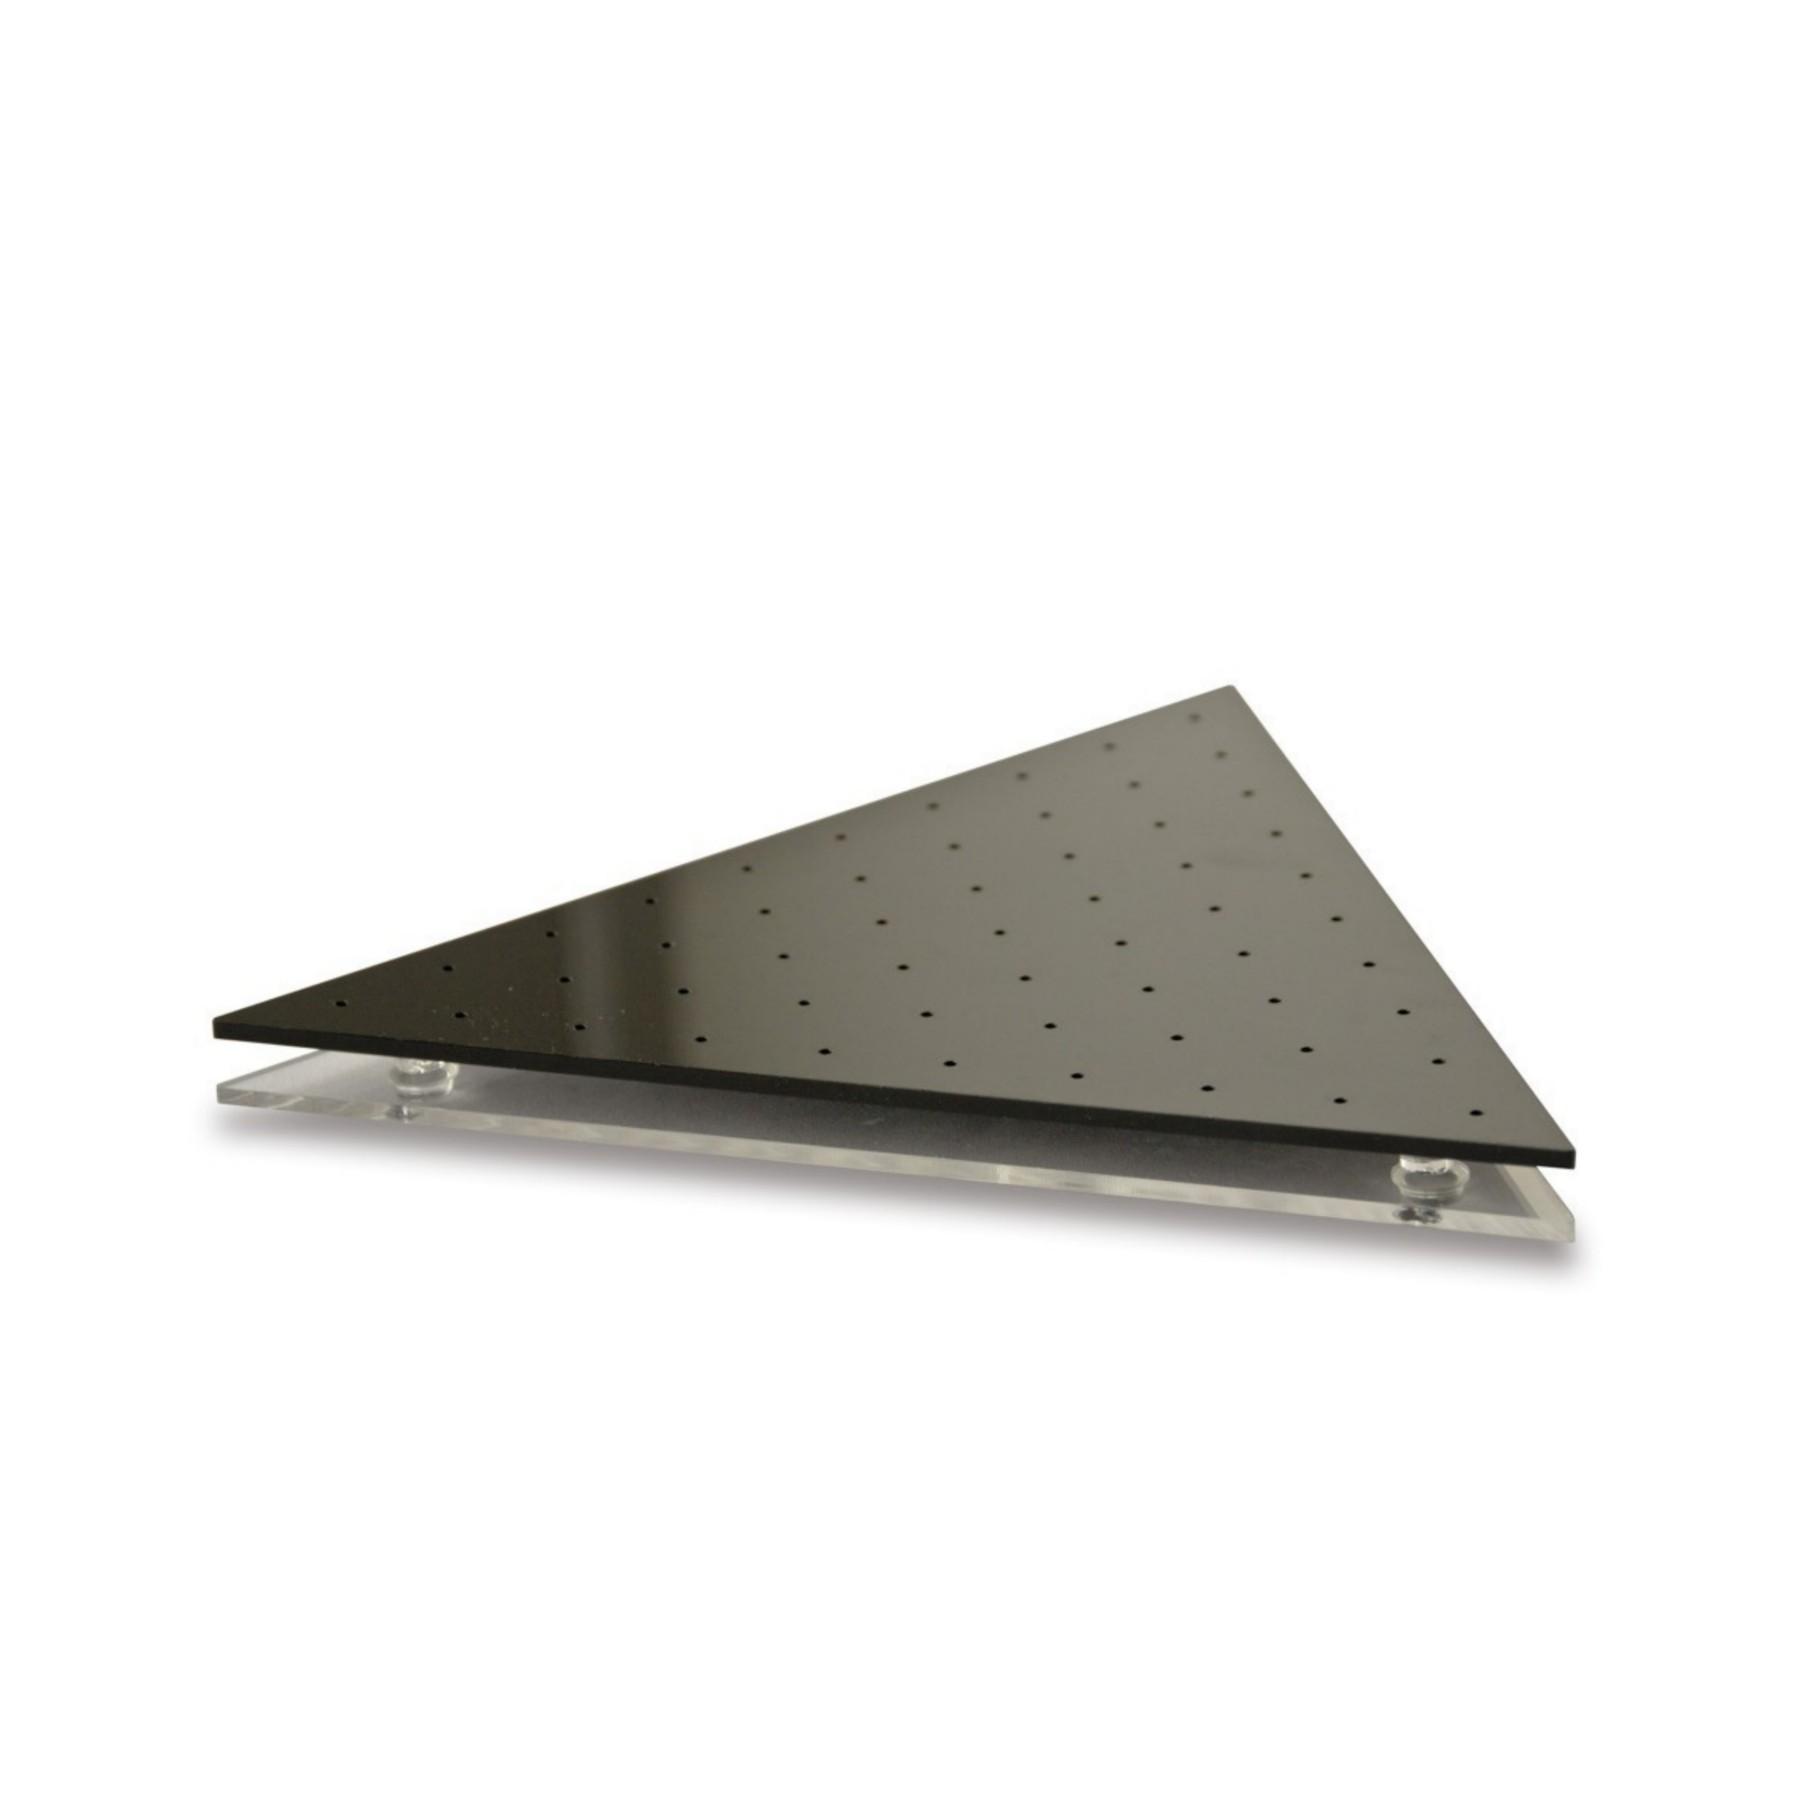 Stojan prezentační trojúhelník 28 pozic, černý